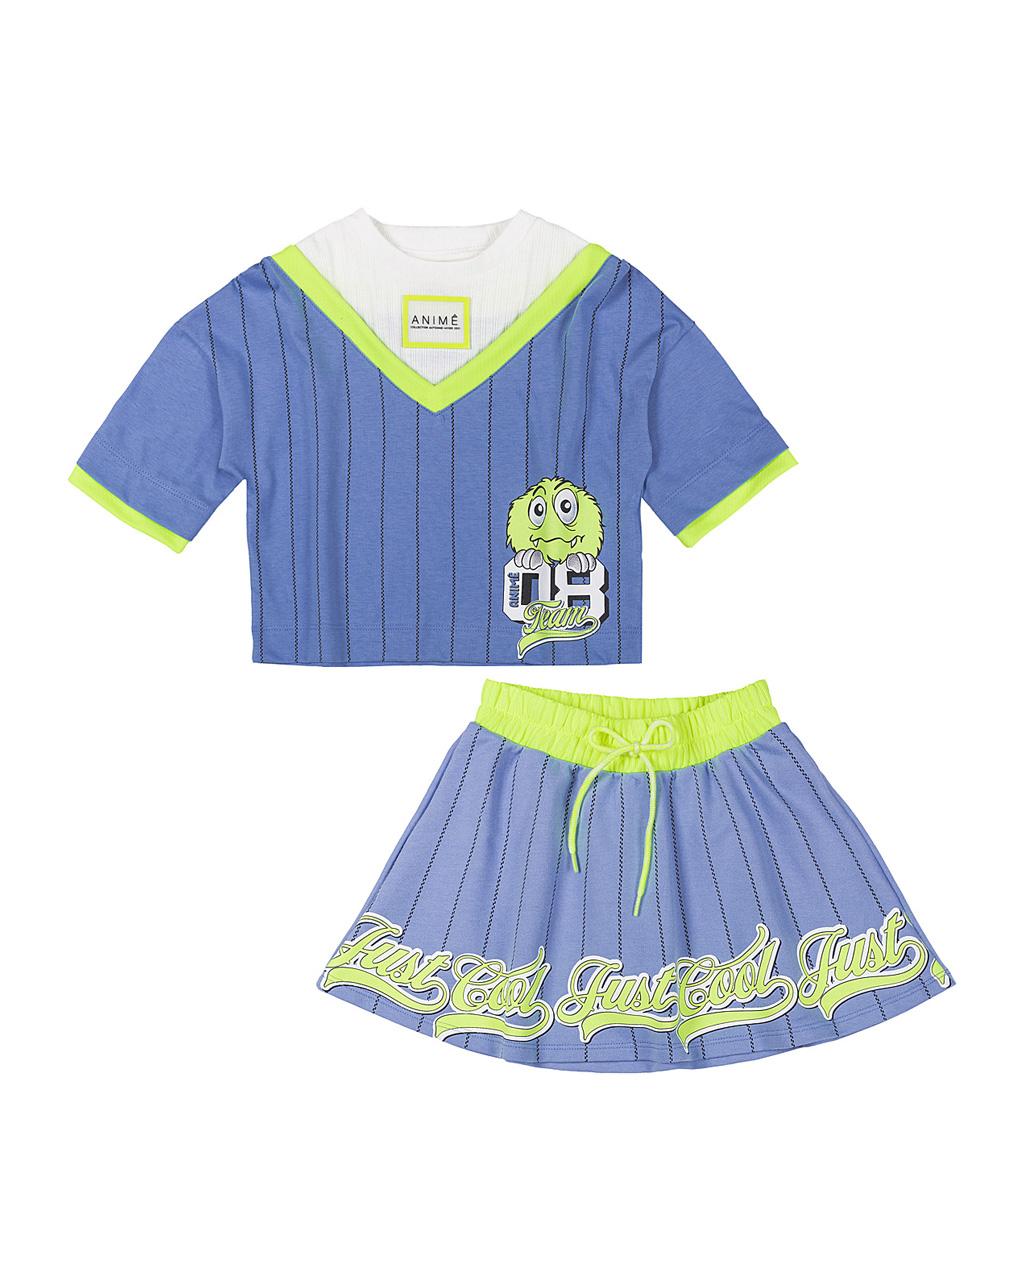 Conjunto Infantil Blusa Malha Azul Com Canelado Neon E Saia Moletom Silk Neon Animê